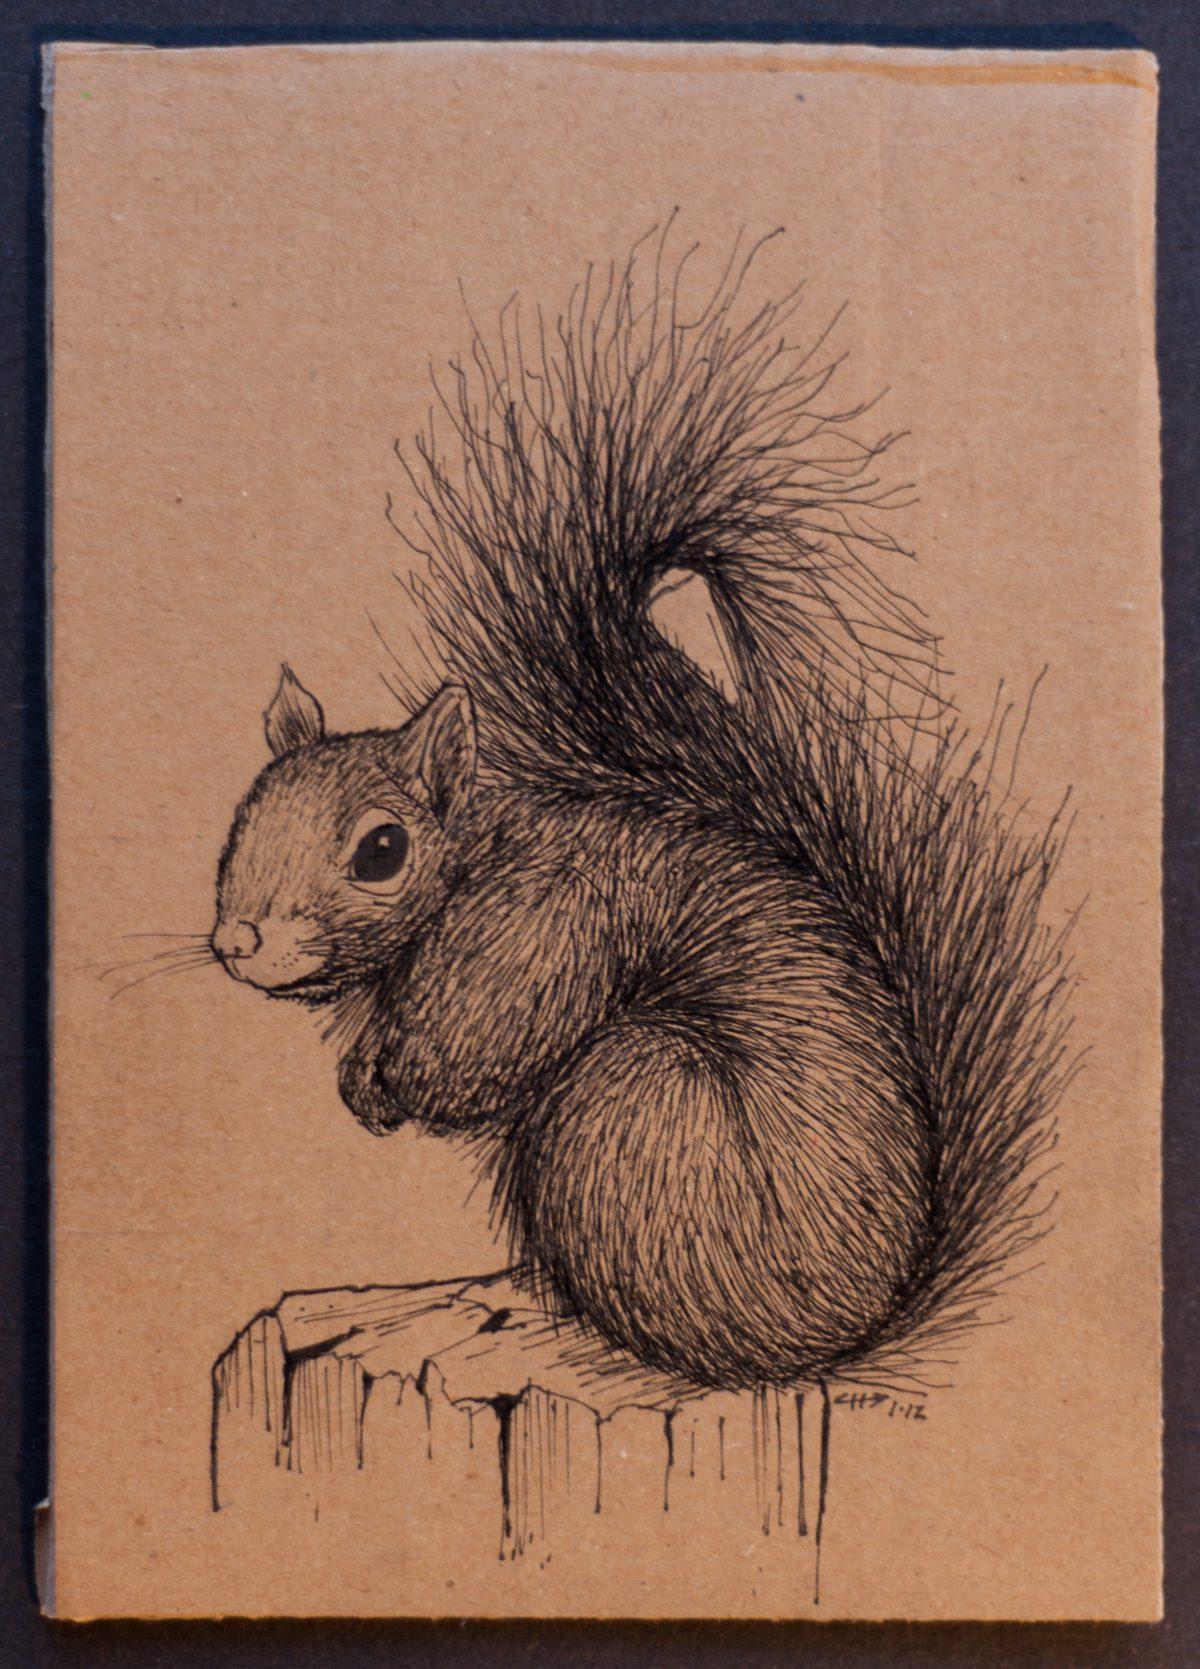 Squirrel - 13x18cm, ink on cardboard, cardboard, ink, ch3